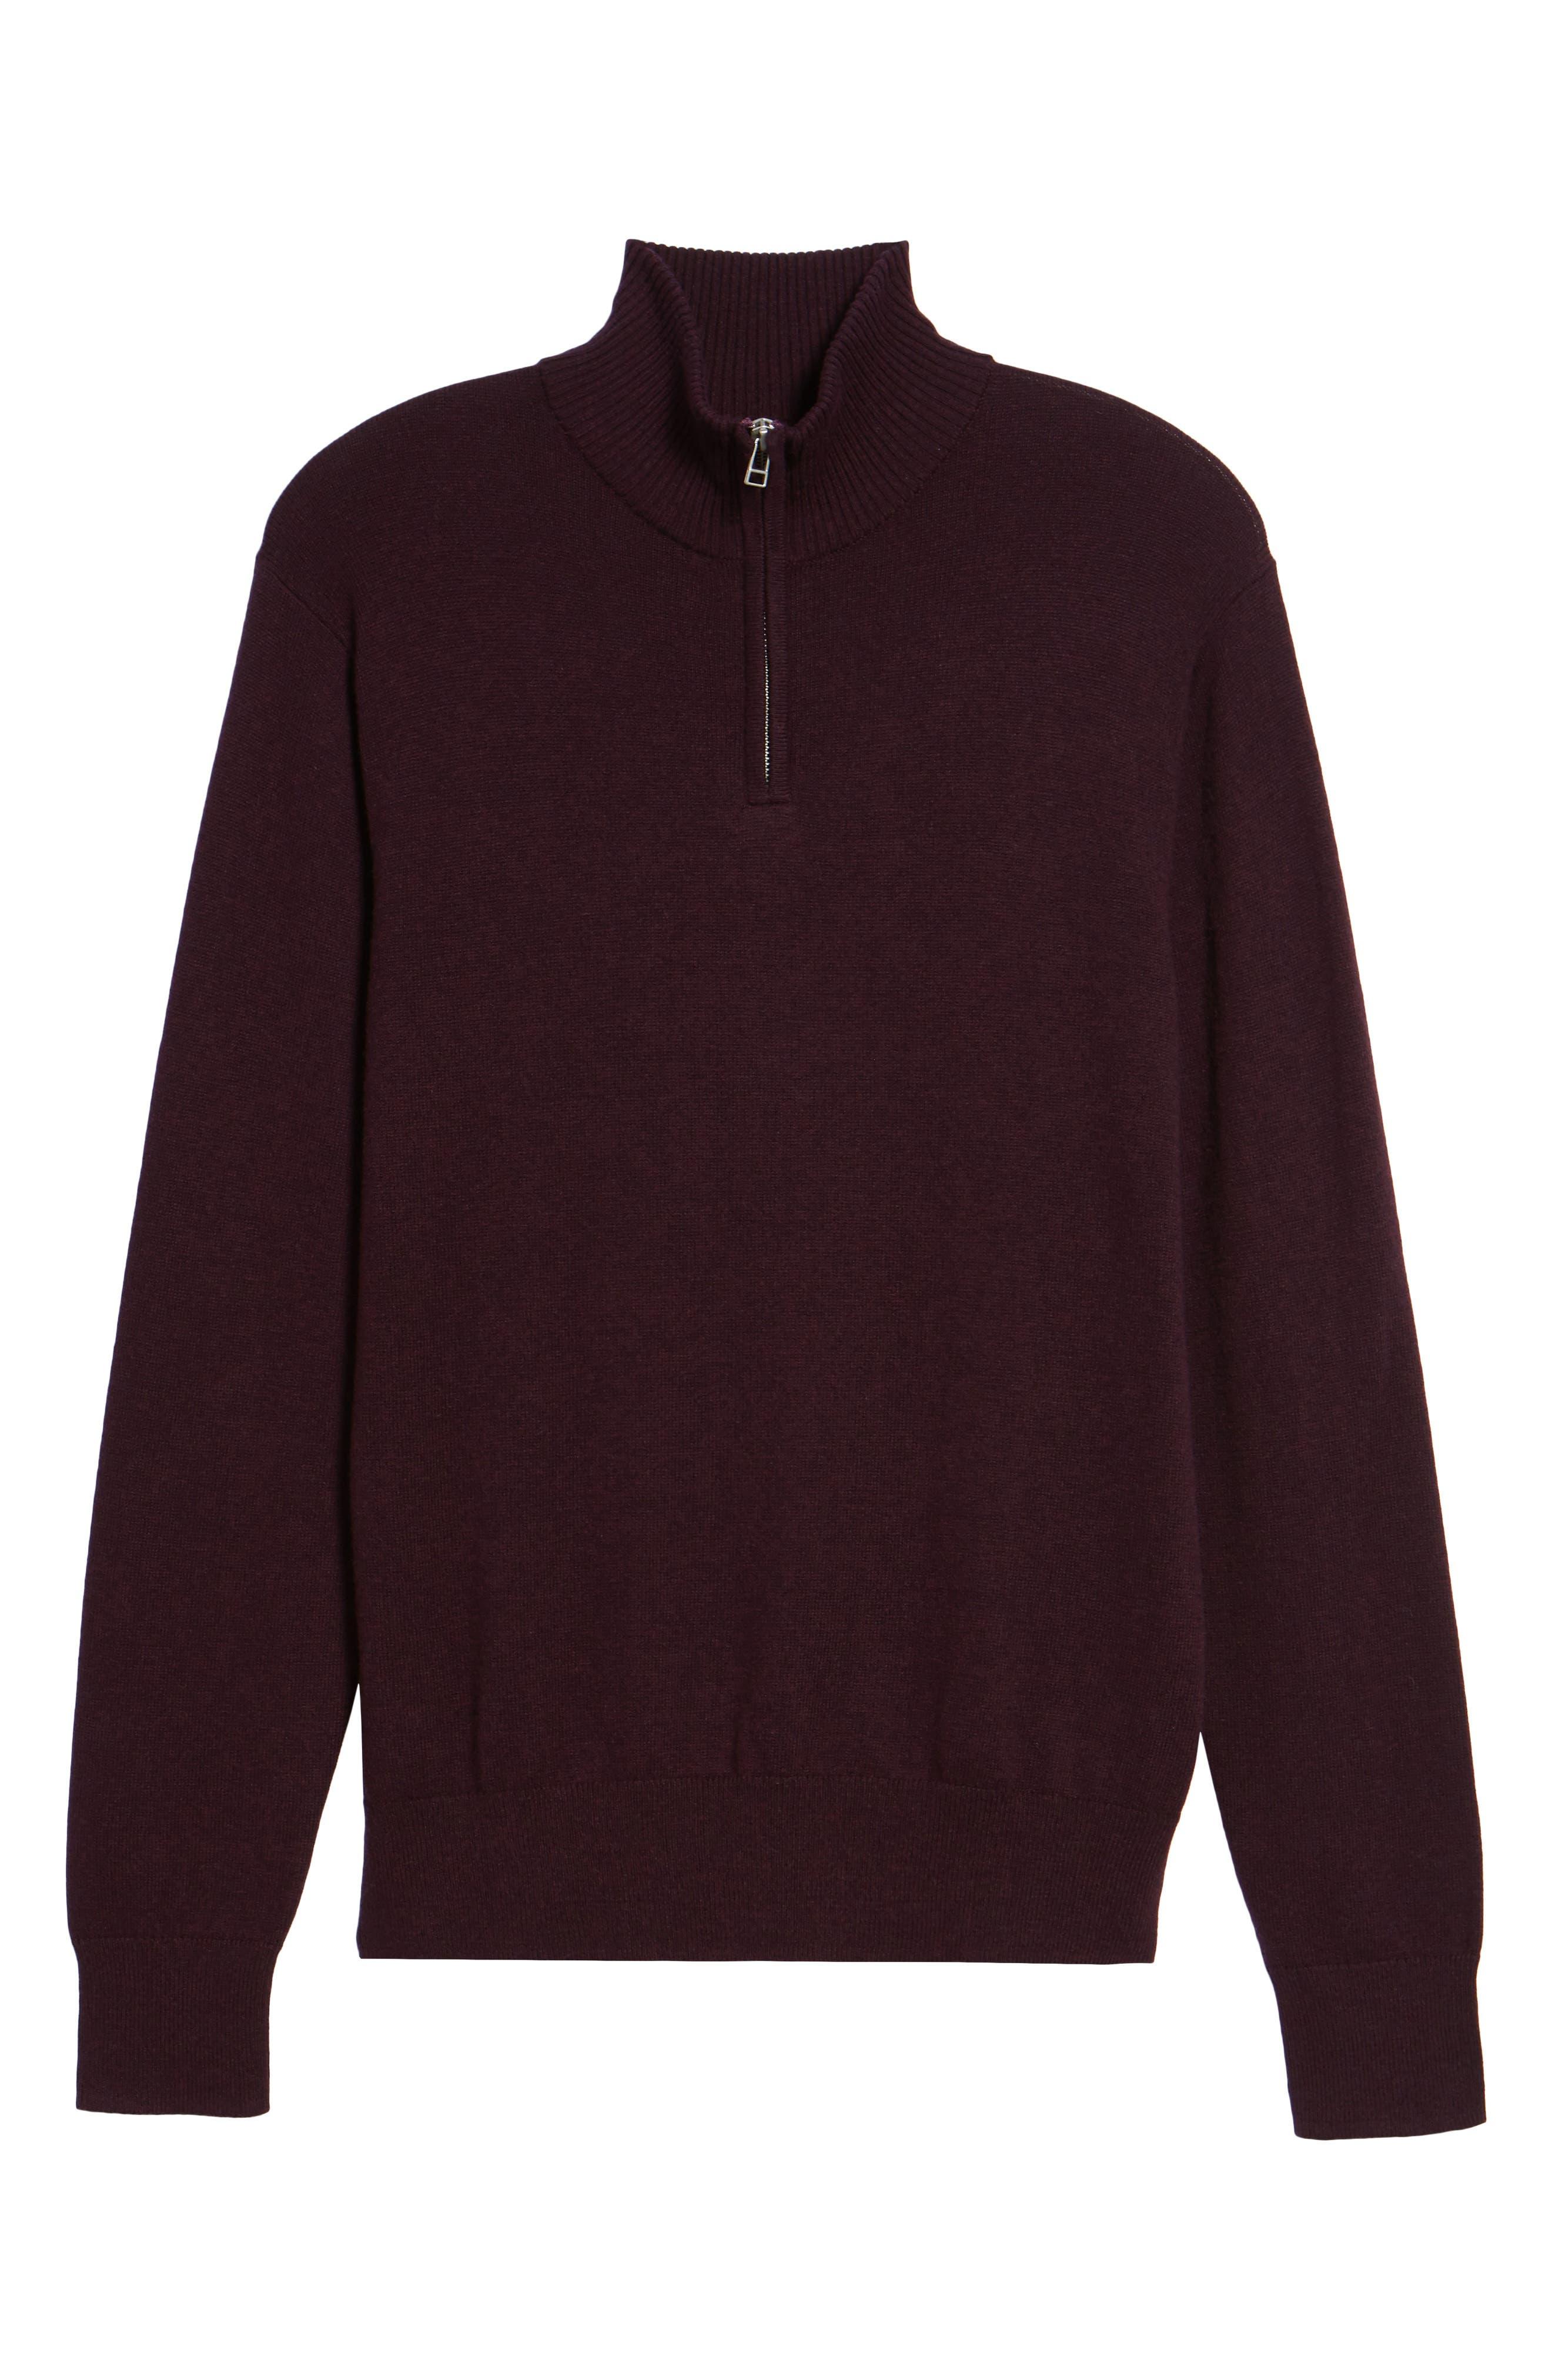 Cotton & Cashmere Quarter Zip Sweater,                             Alternate thumbnail 6, color,                             600